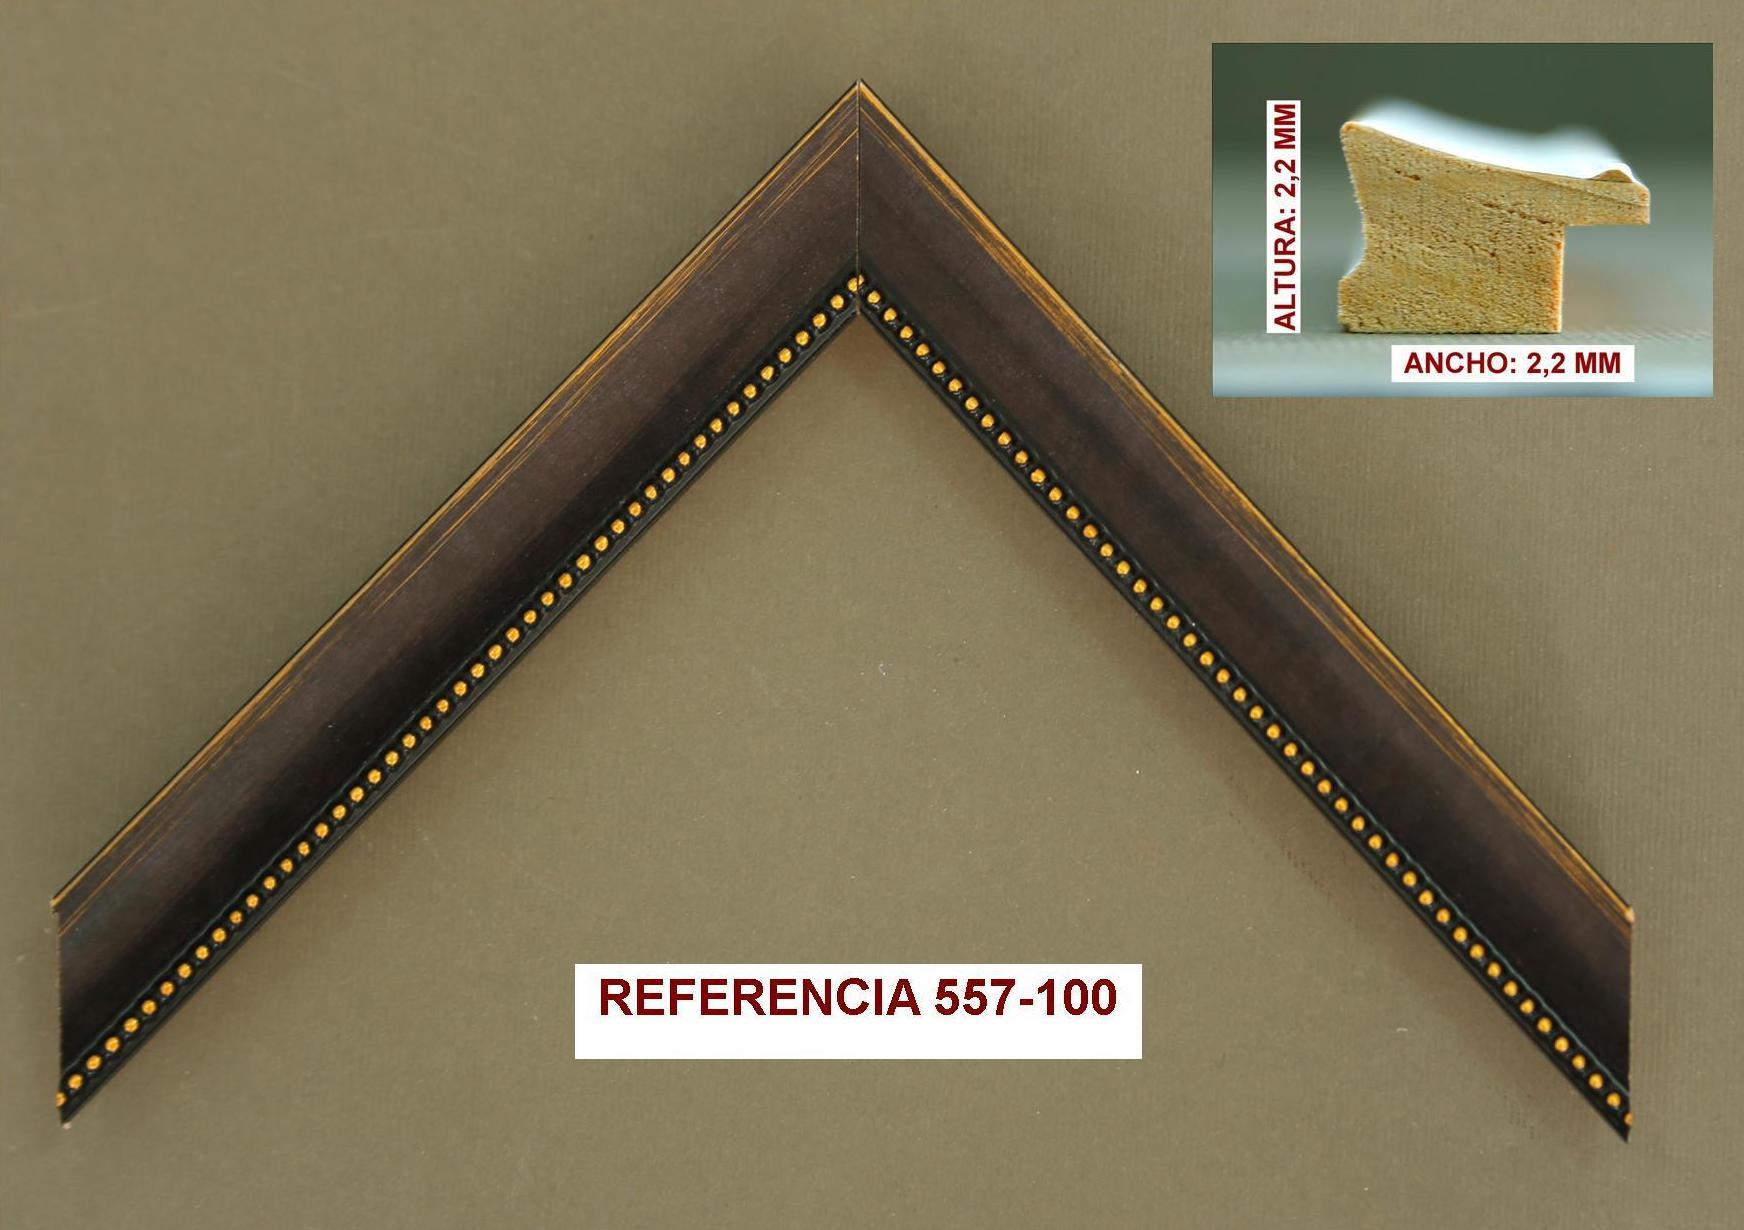 REF 557-100: Muestrario de Moldusevilla